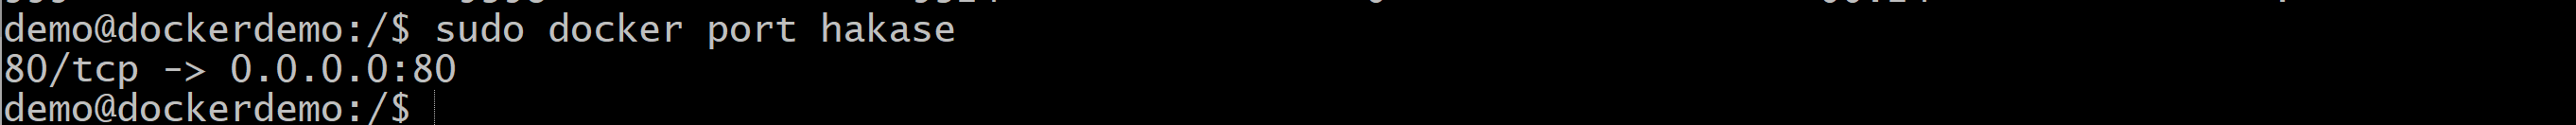 Polecenia Dockera zdj.17